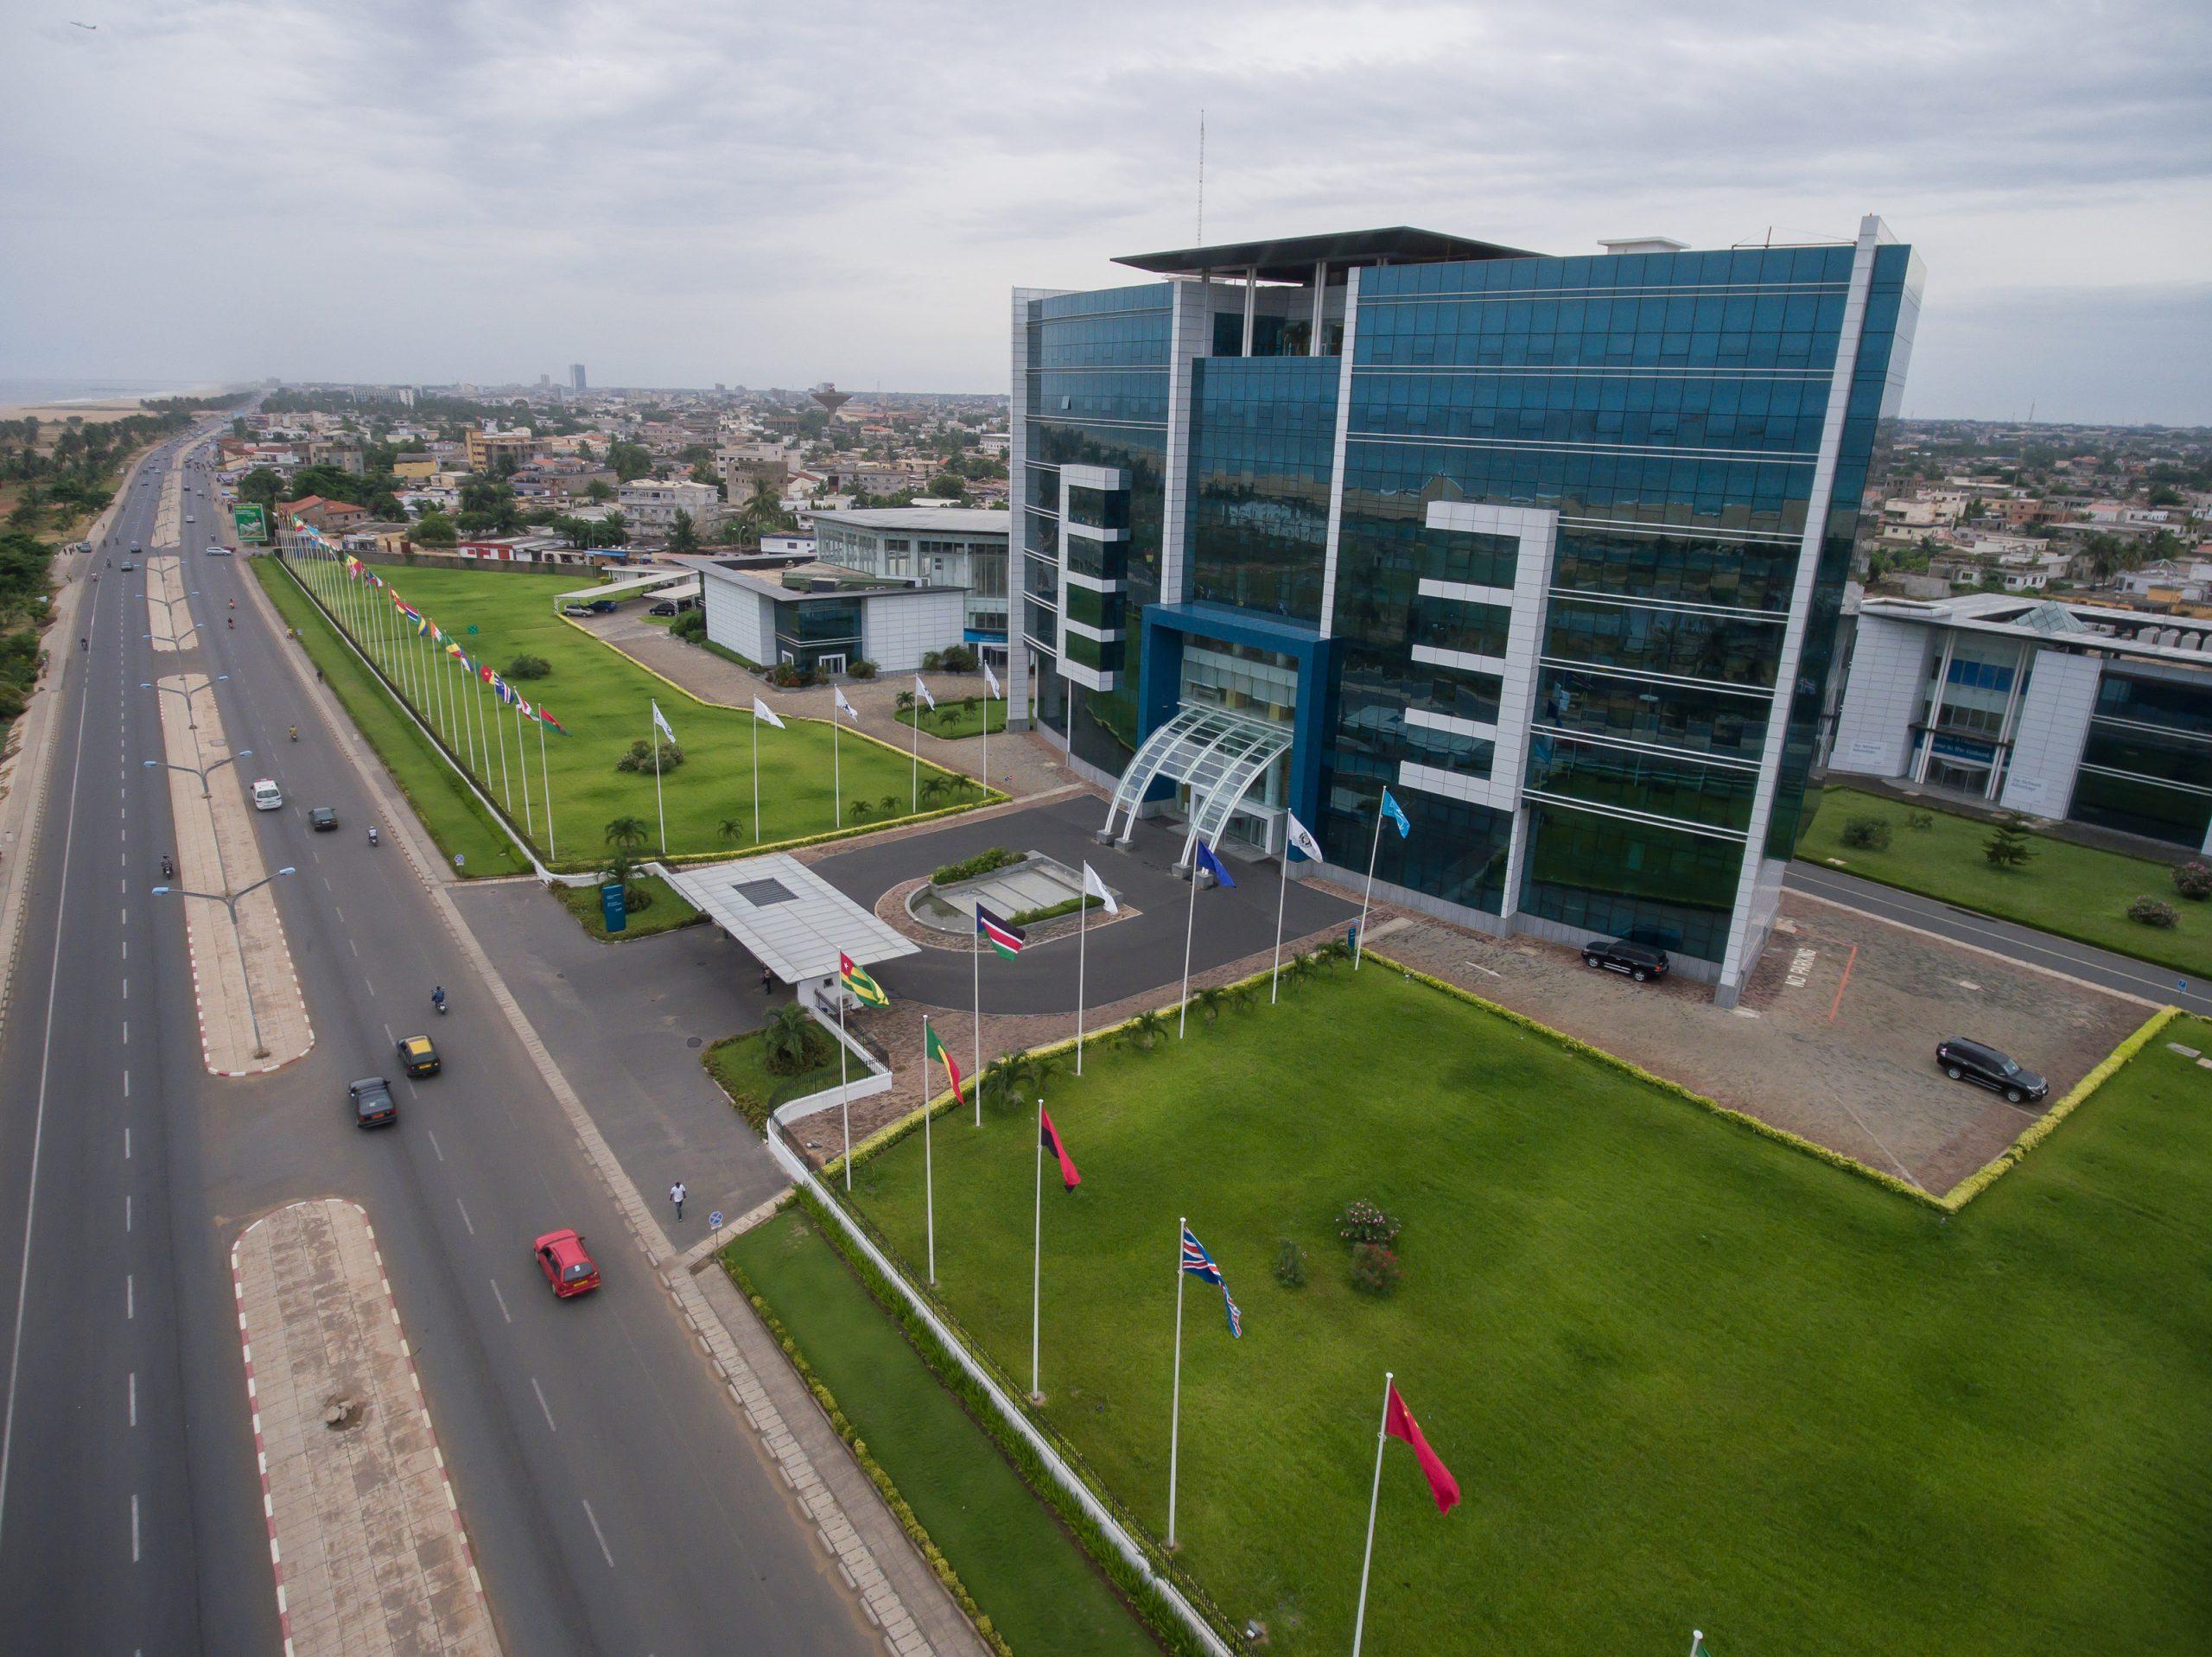 Ecobank annonce la fermeture de certaines de ses agences à Lomé pour lutter contre la propagation du coronavirus